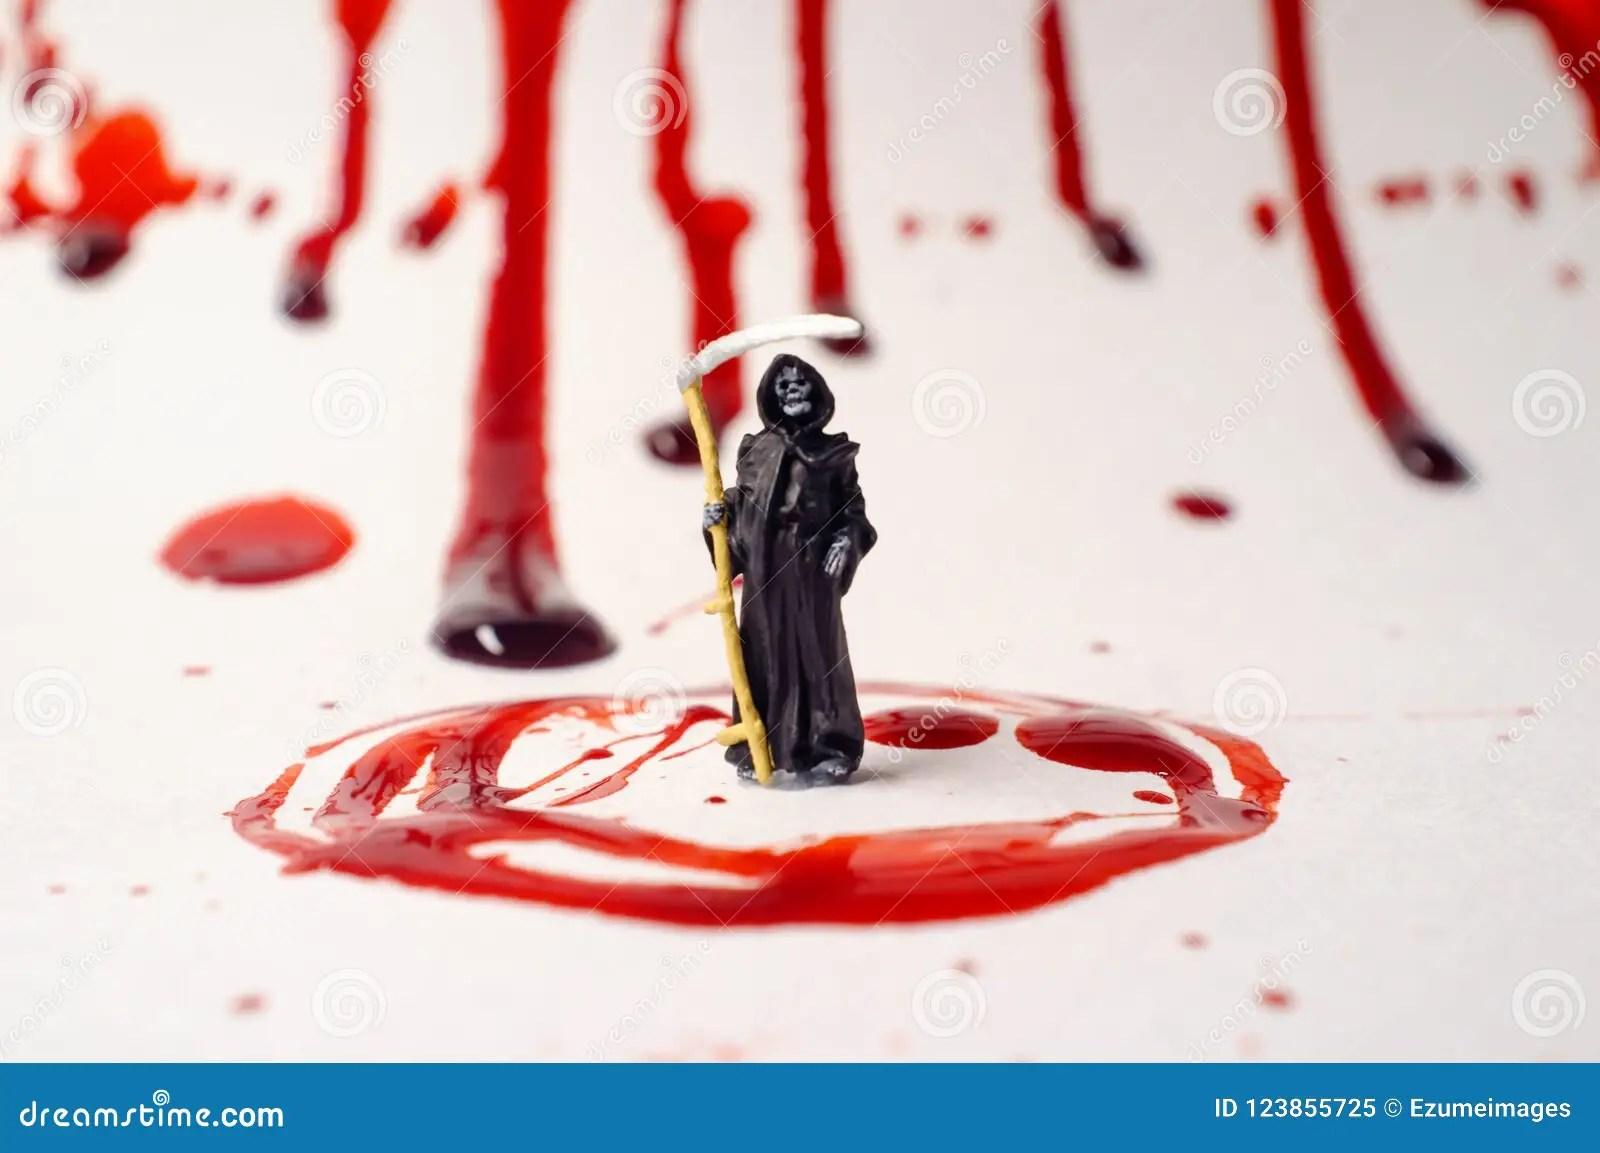 Grim Reaper Blood Splatter Stock Image Image Of Crime